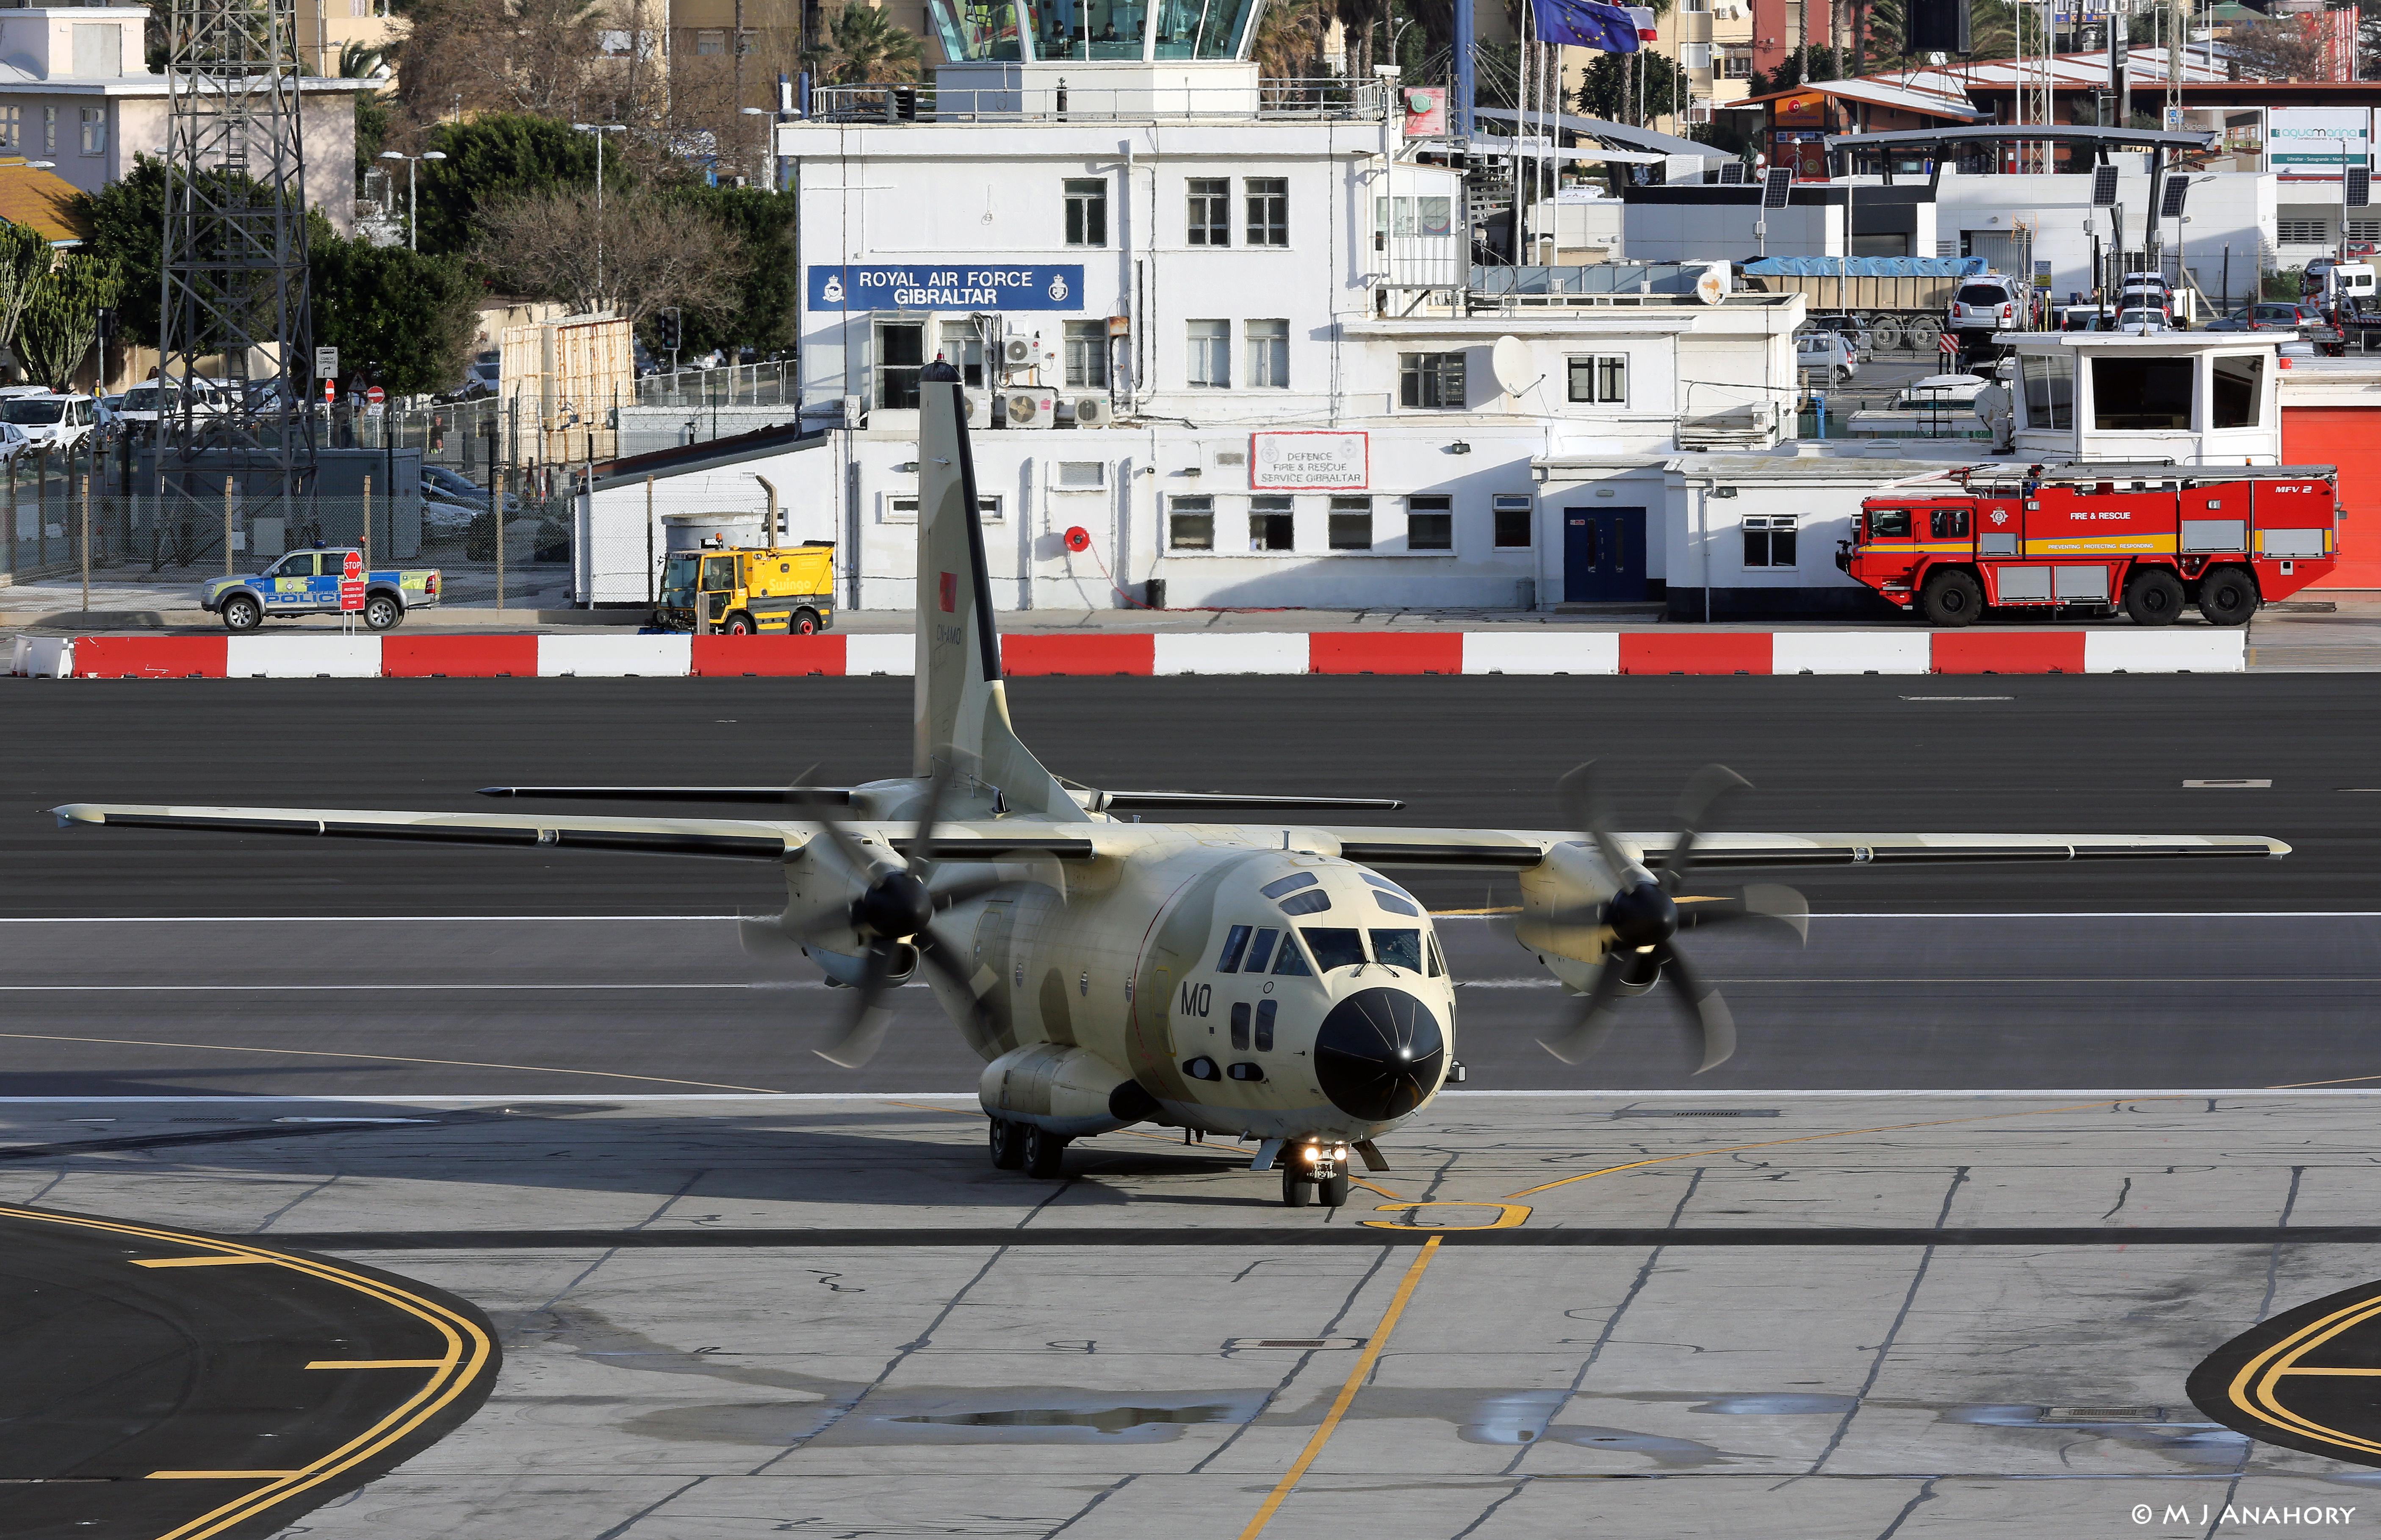 طائرات النقل العاملة بالقوات المسلحة المغربية - صفحة 3 24886921881_3d5ce7a9ca_o